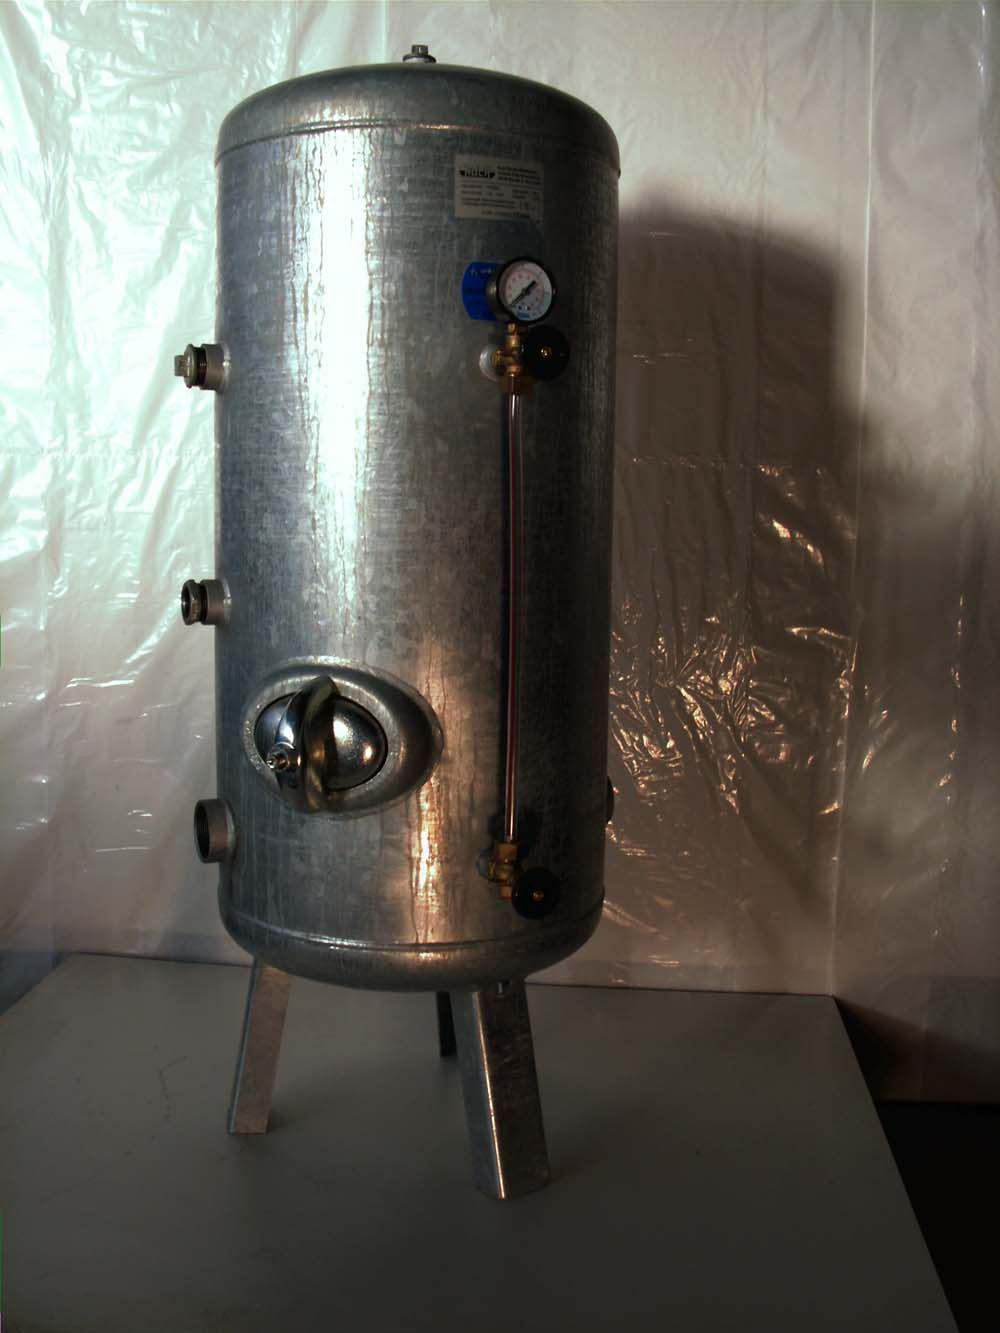 Druckbehälter